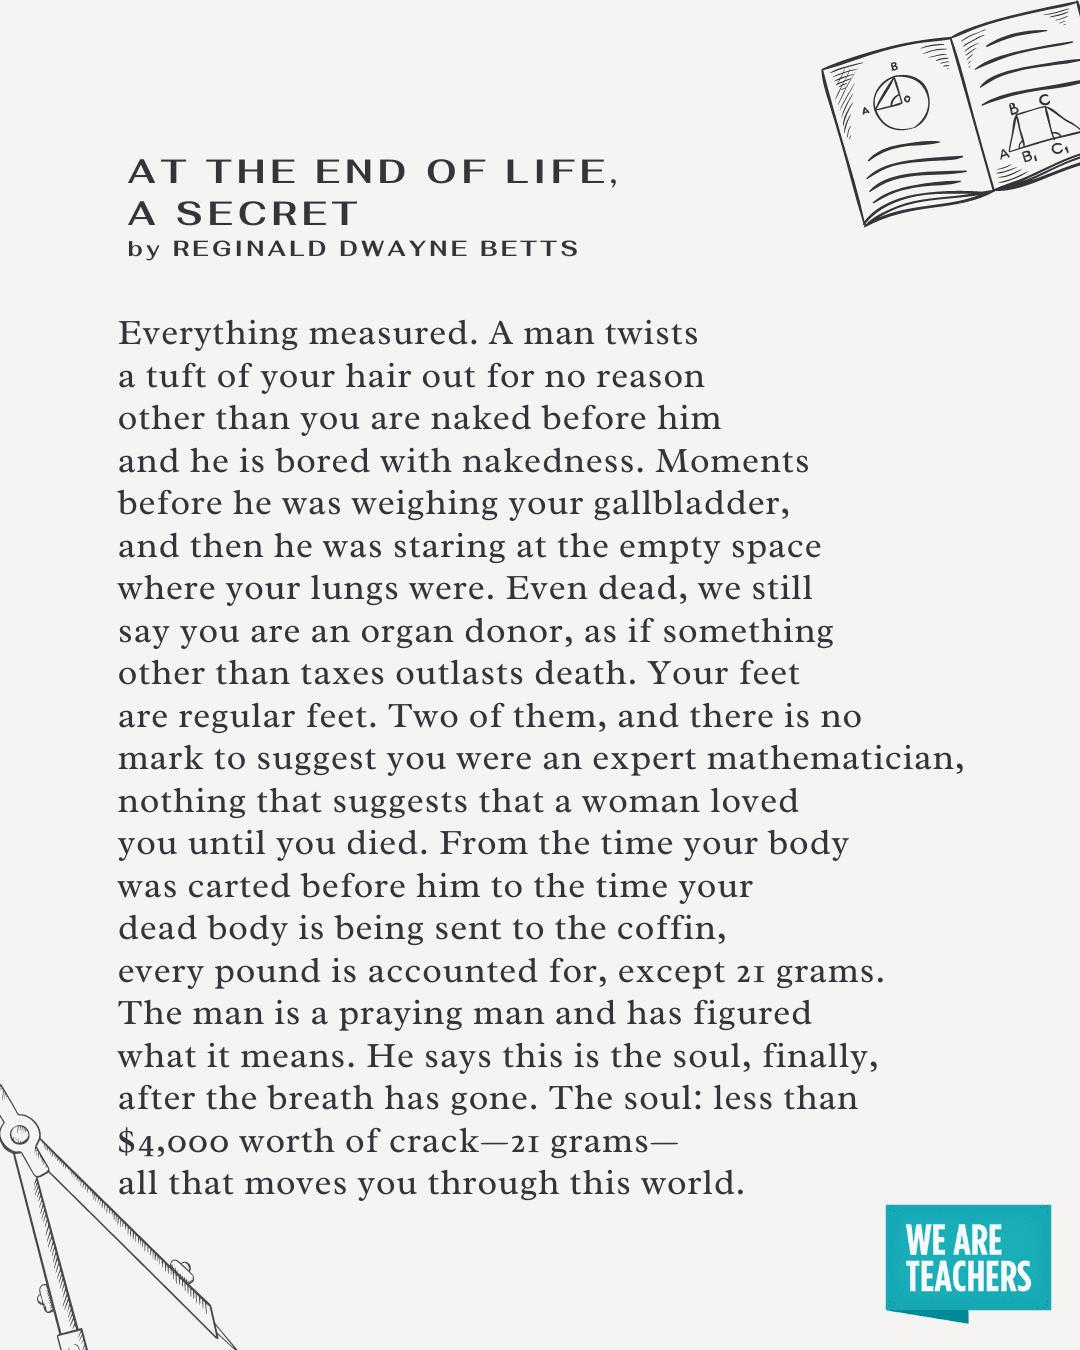 في نهاية الحياة ، قصيدة سرية في الرياضيات